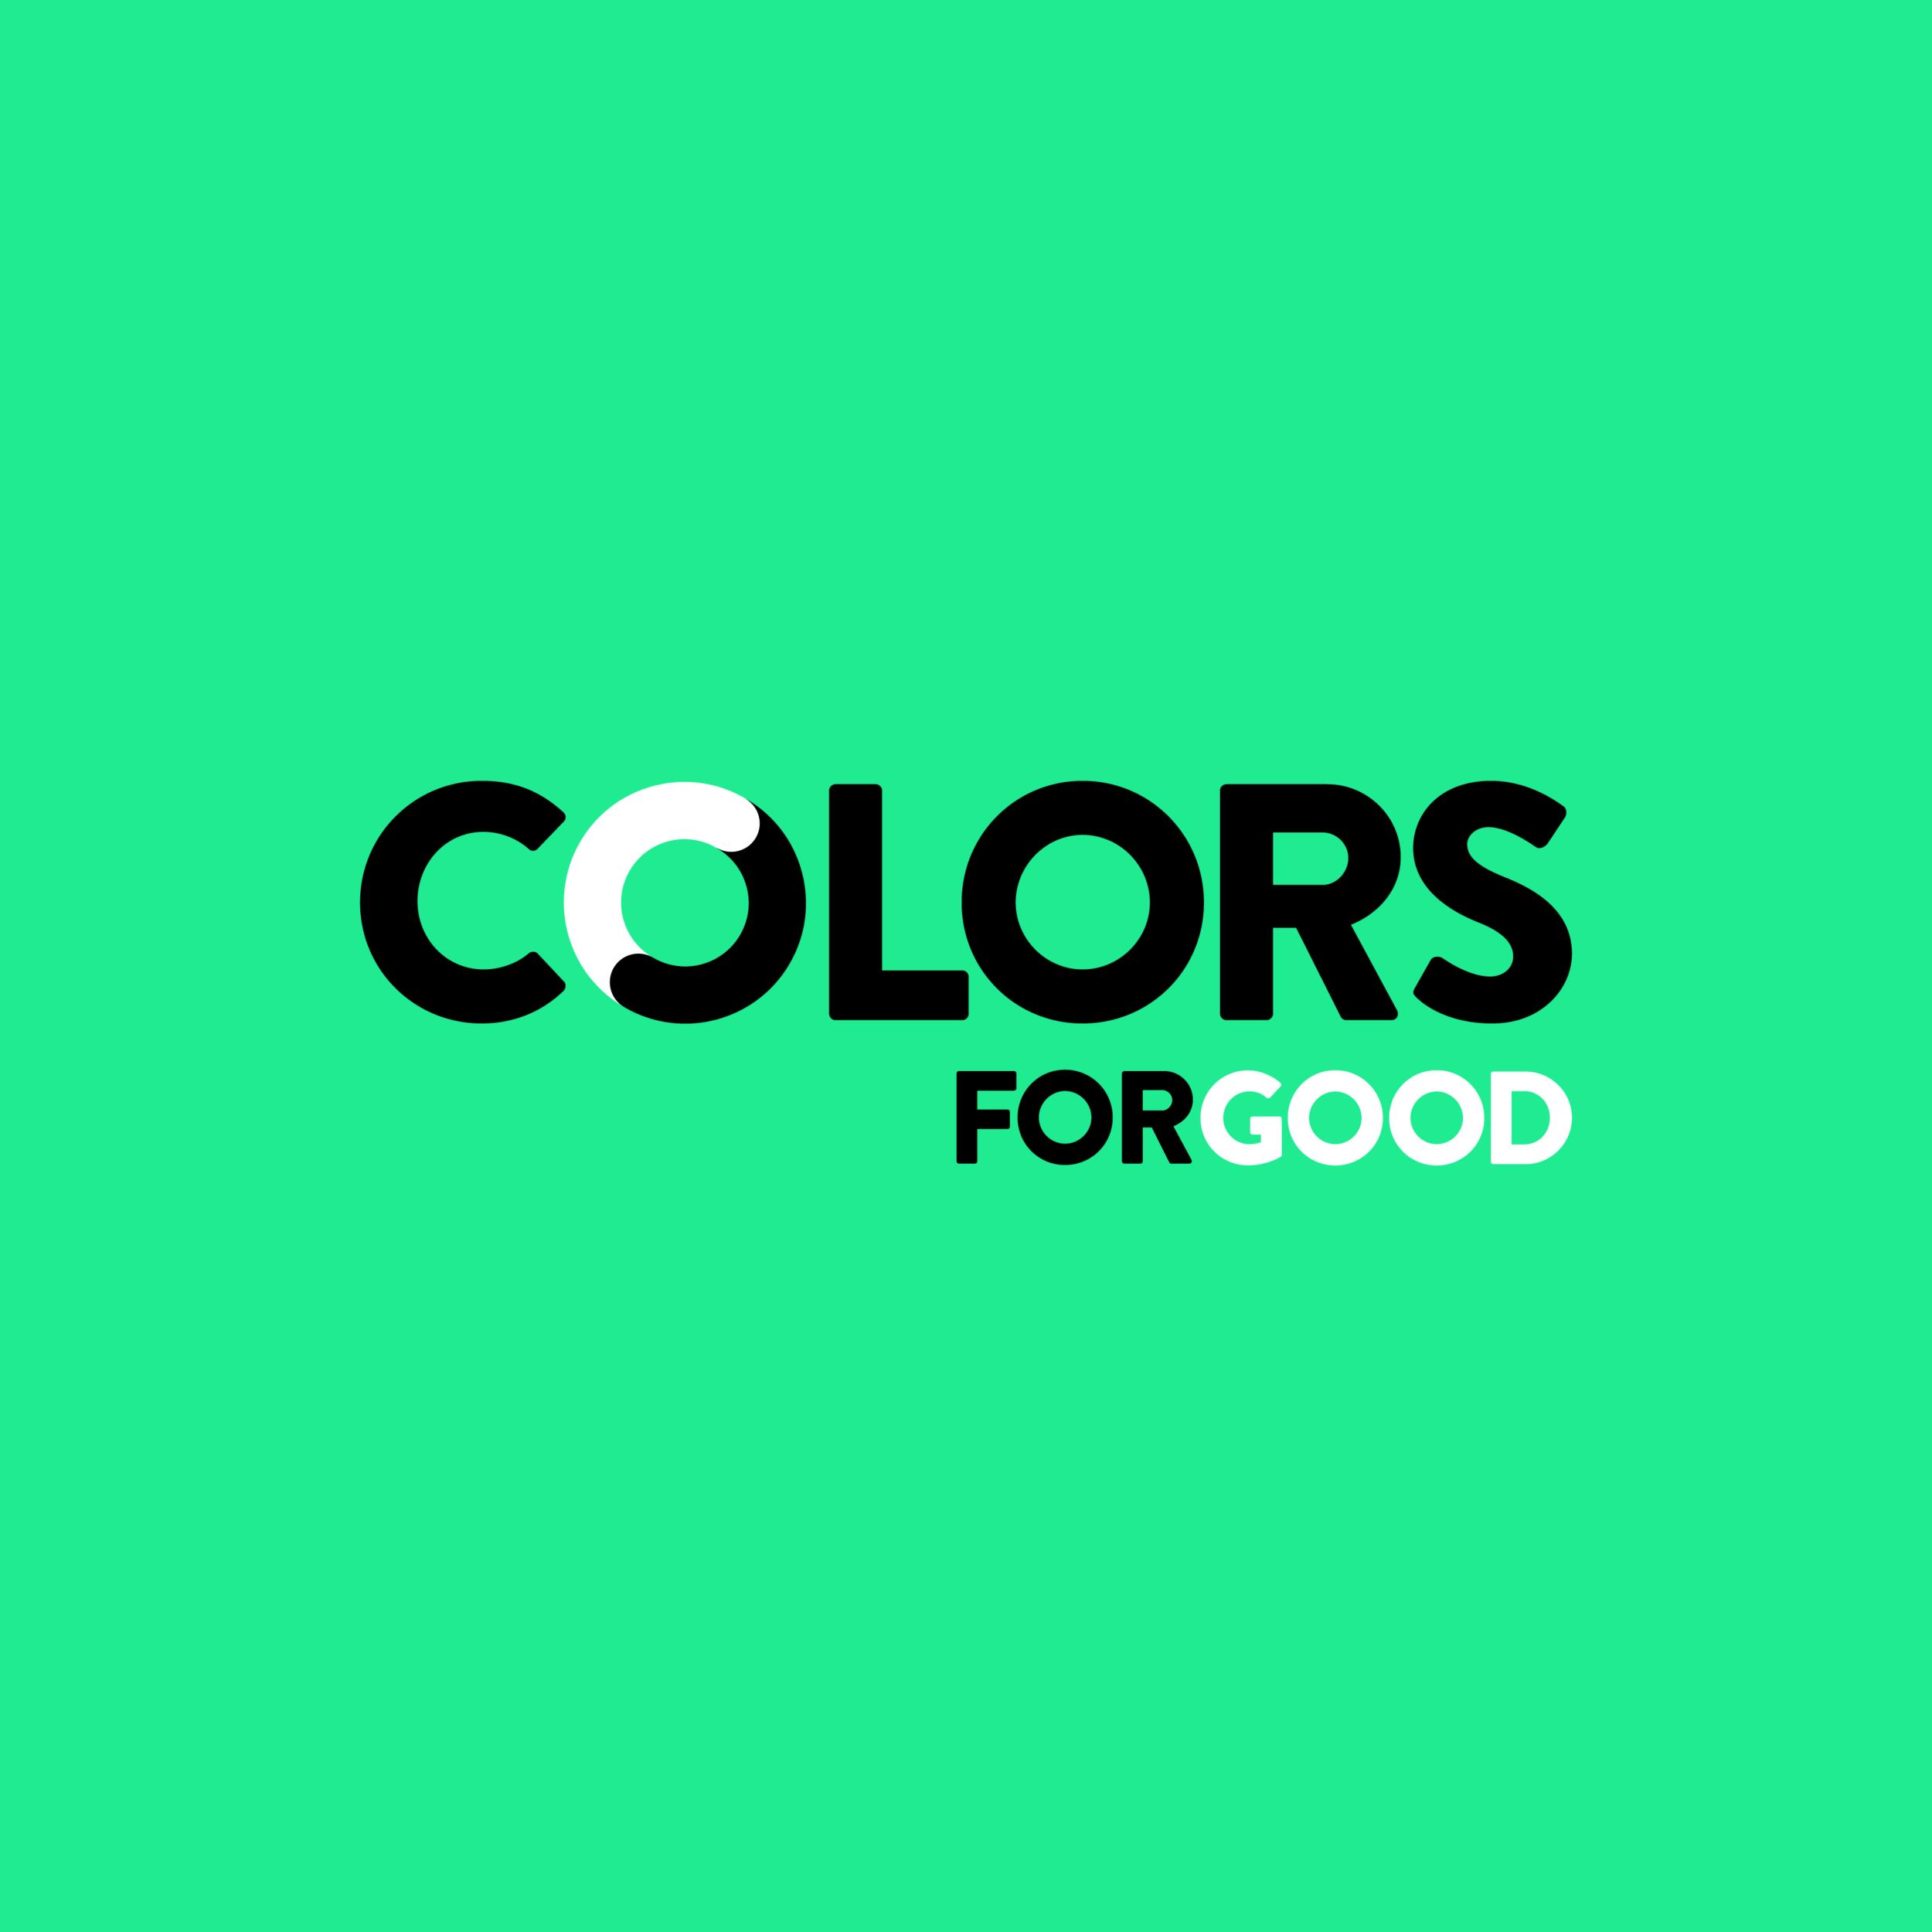 ColorsForGood_Logo-30.png